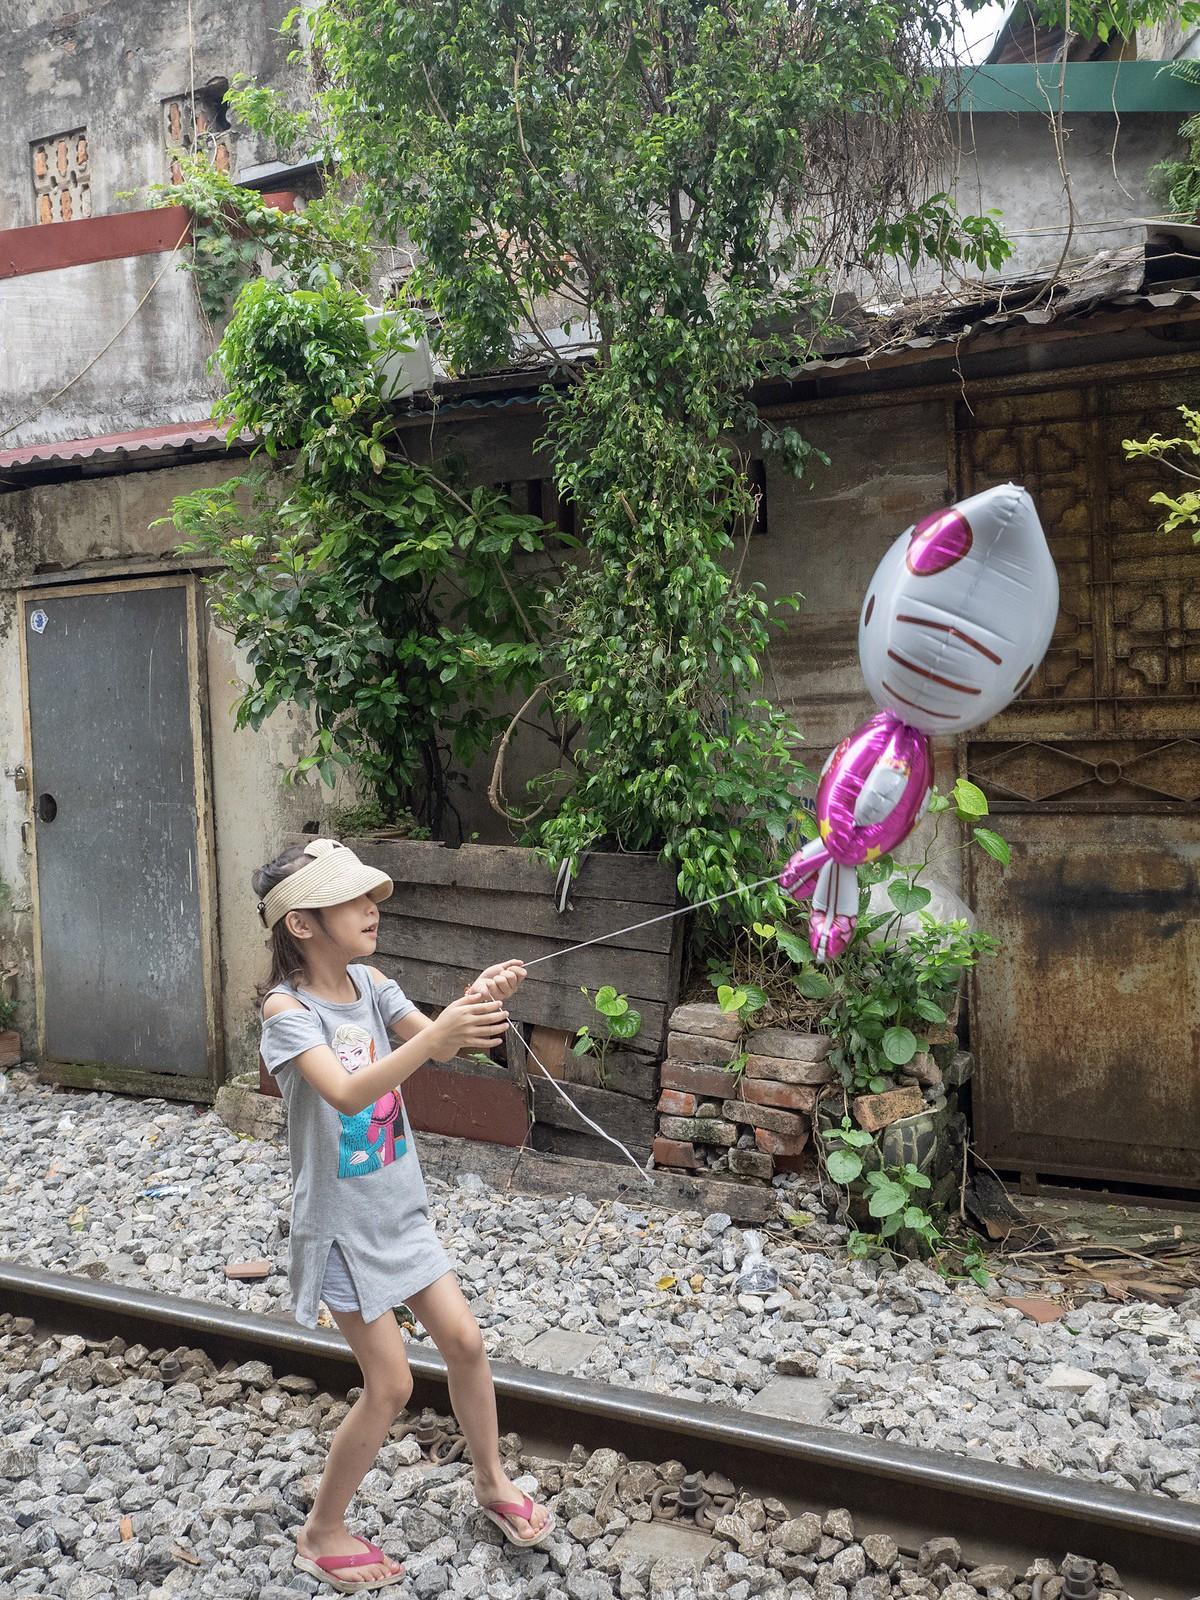 Hanoi railway in the city